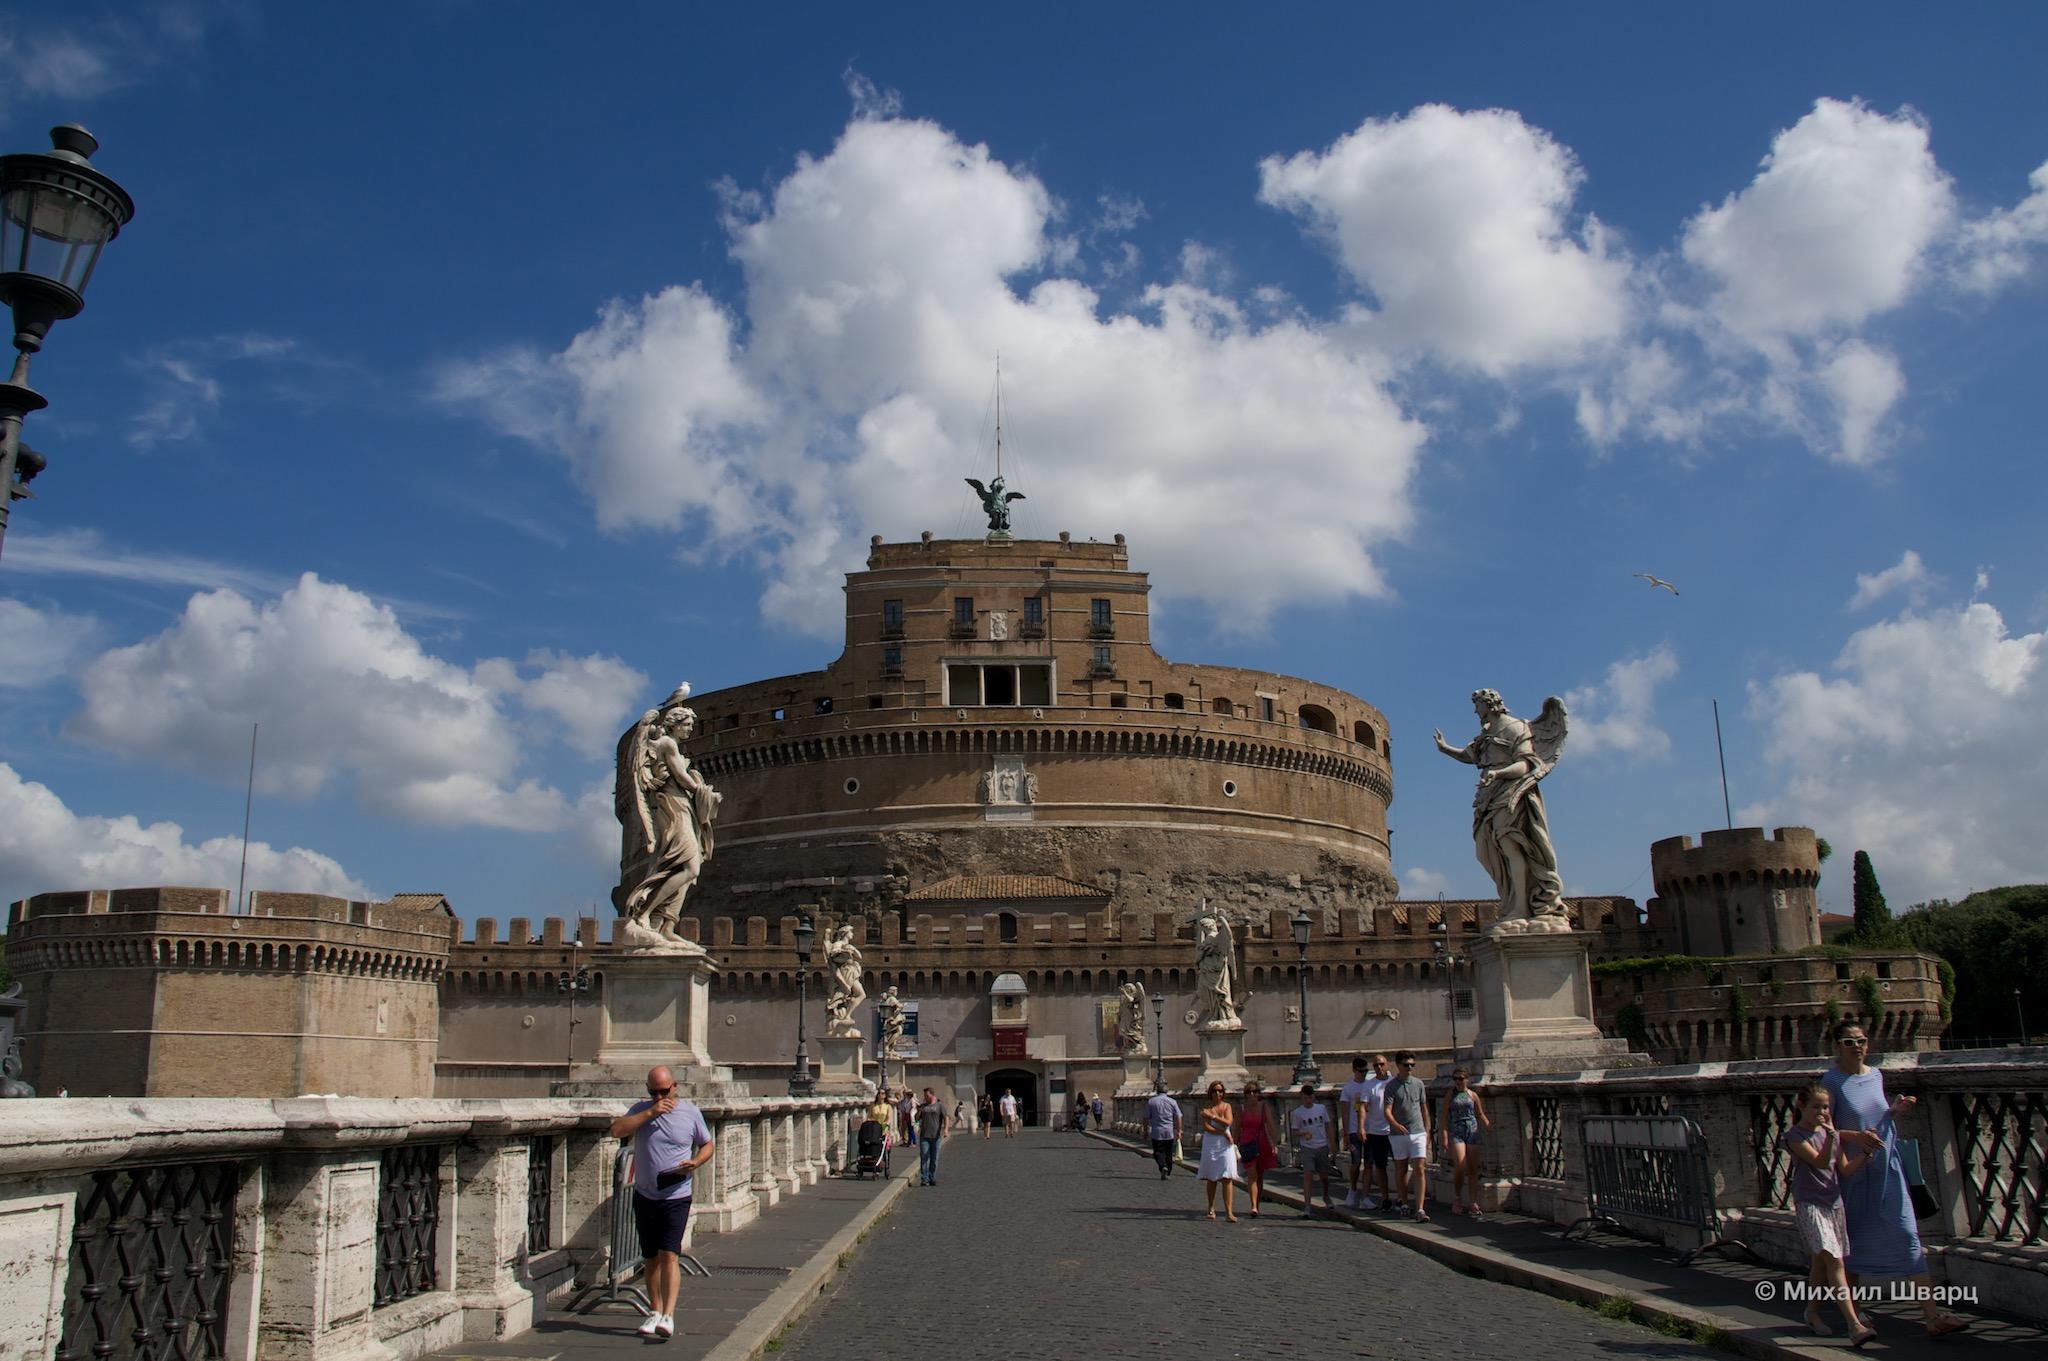 Замок Святого Ангела. Мавзолей императора Адриана